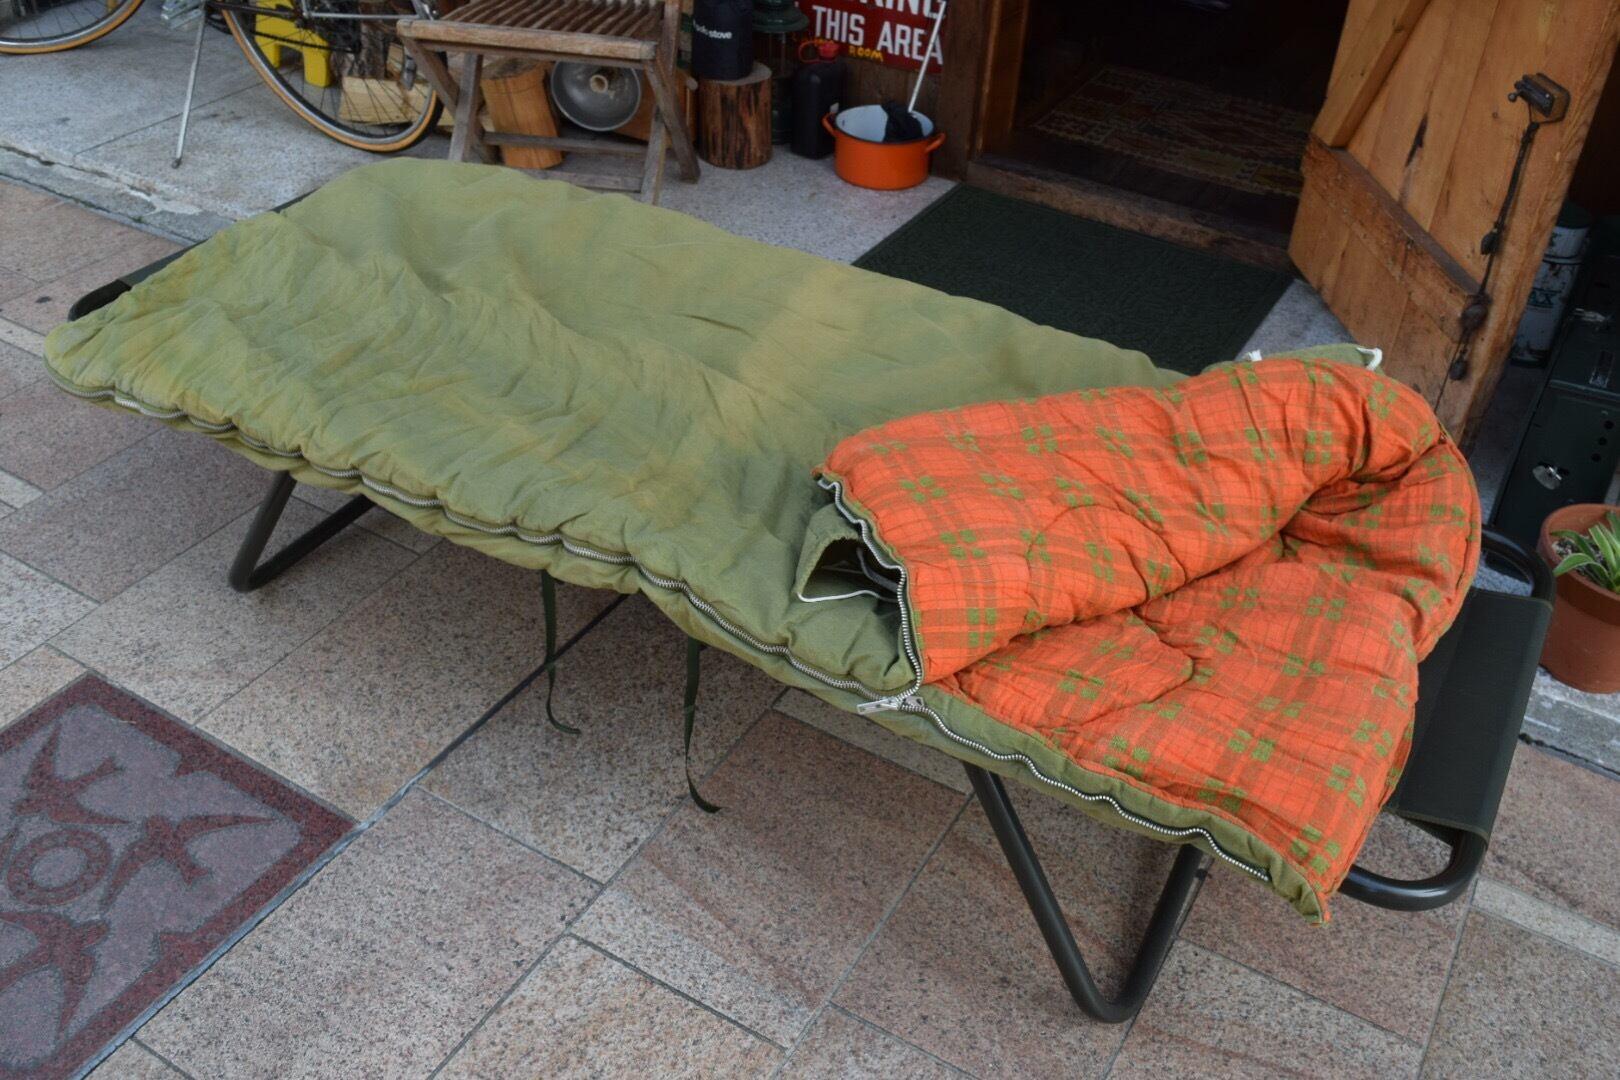 USED コールマン スリーピングバッグ ビンテージ 70s 寝袋 シュラフ